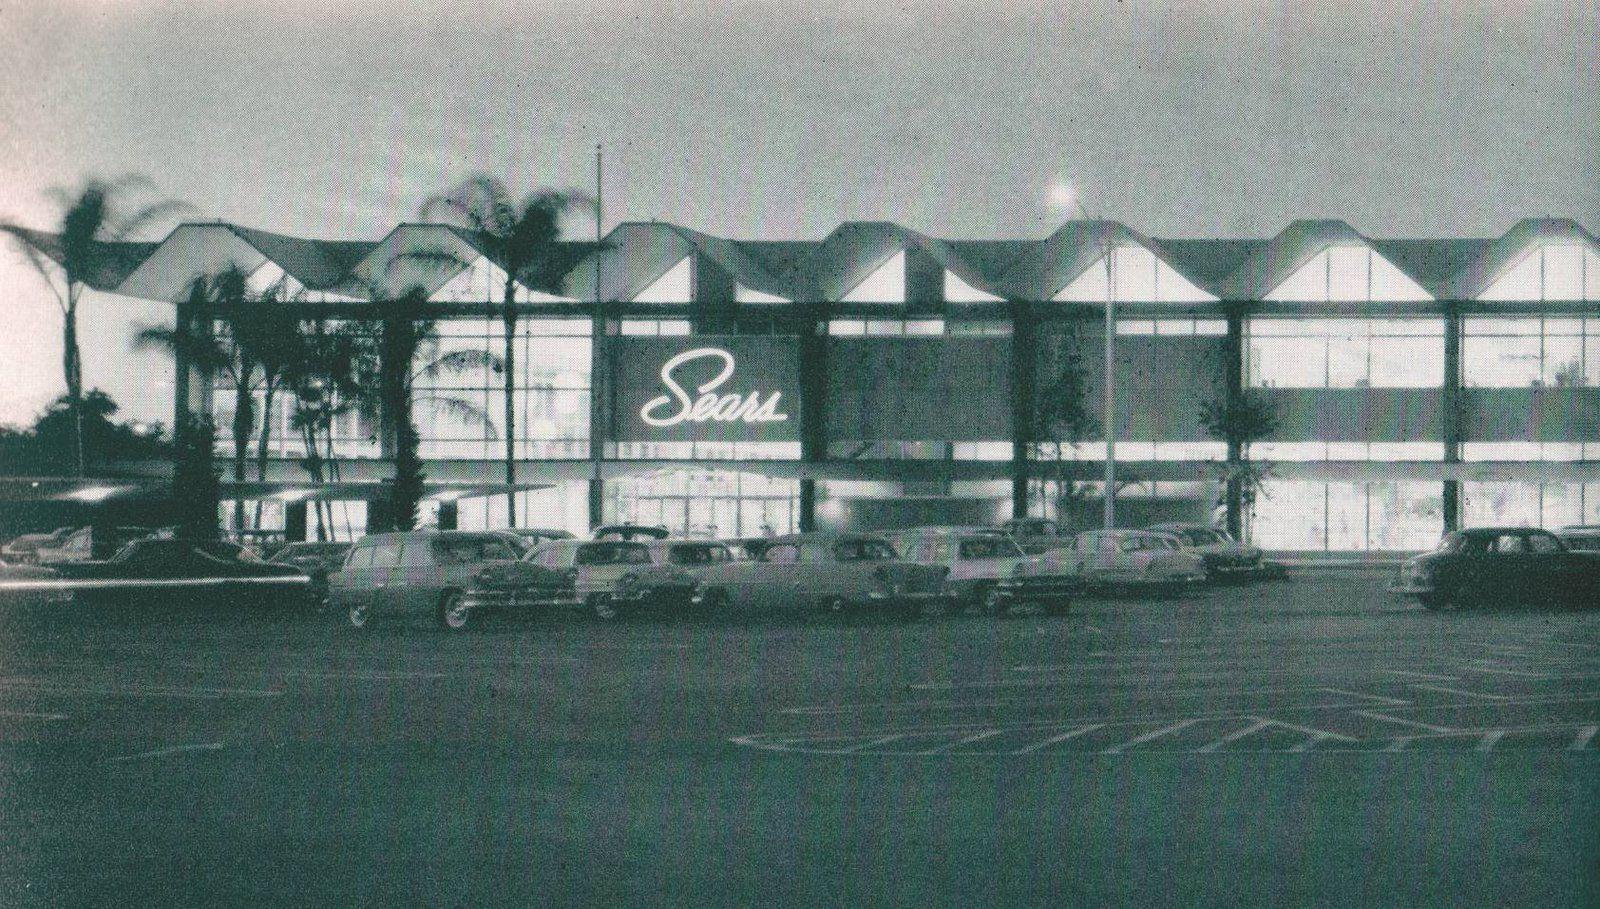 fe61b1c40bb570106769bd5613c80fef - Embassy Suites Tampa Fl Busch Gardens